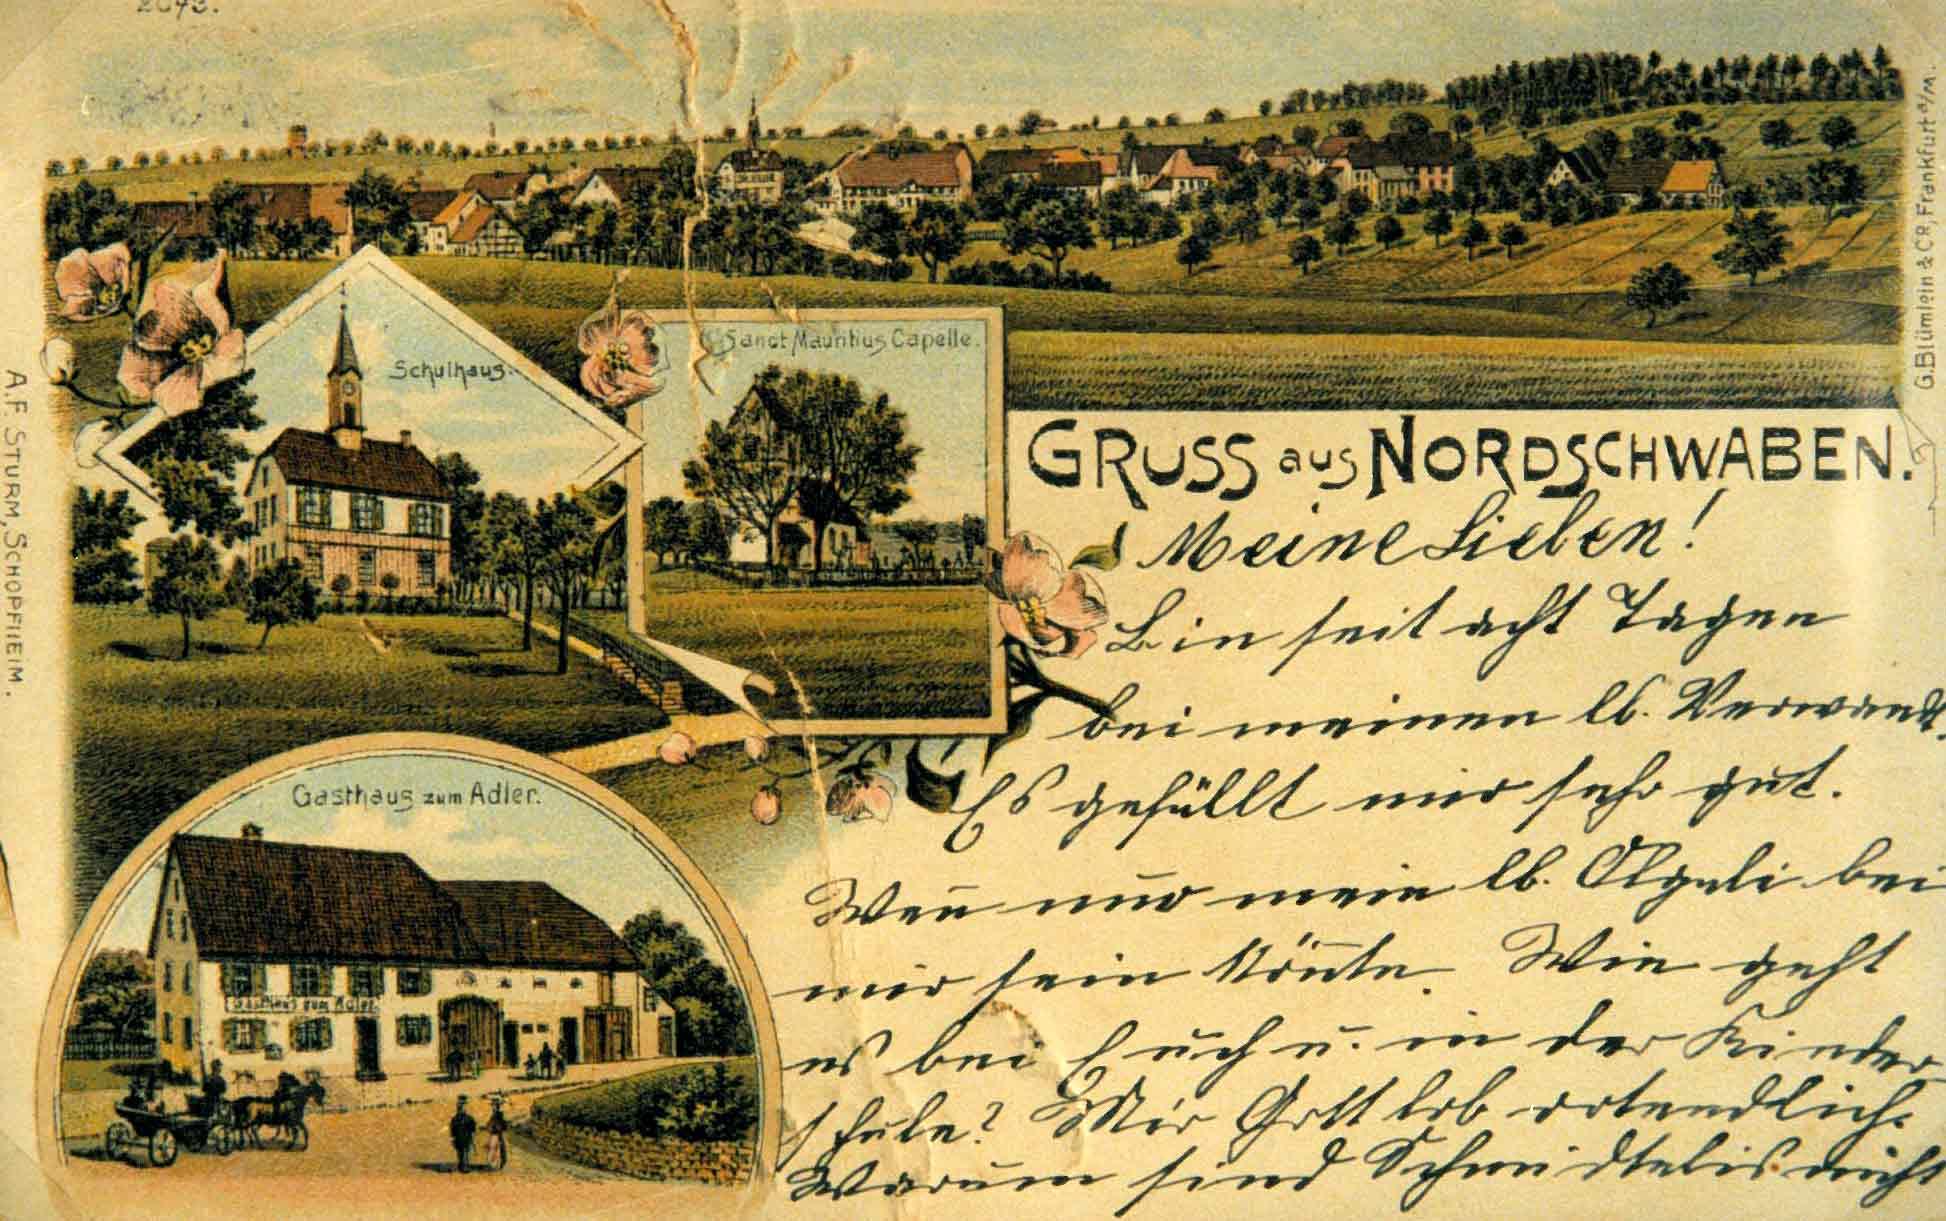 Ansichtskarte von Nordschwaben um 1913